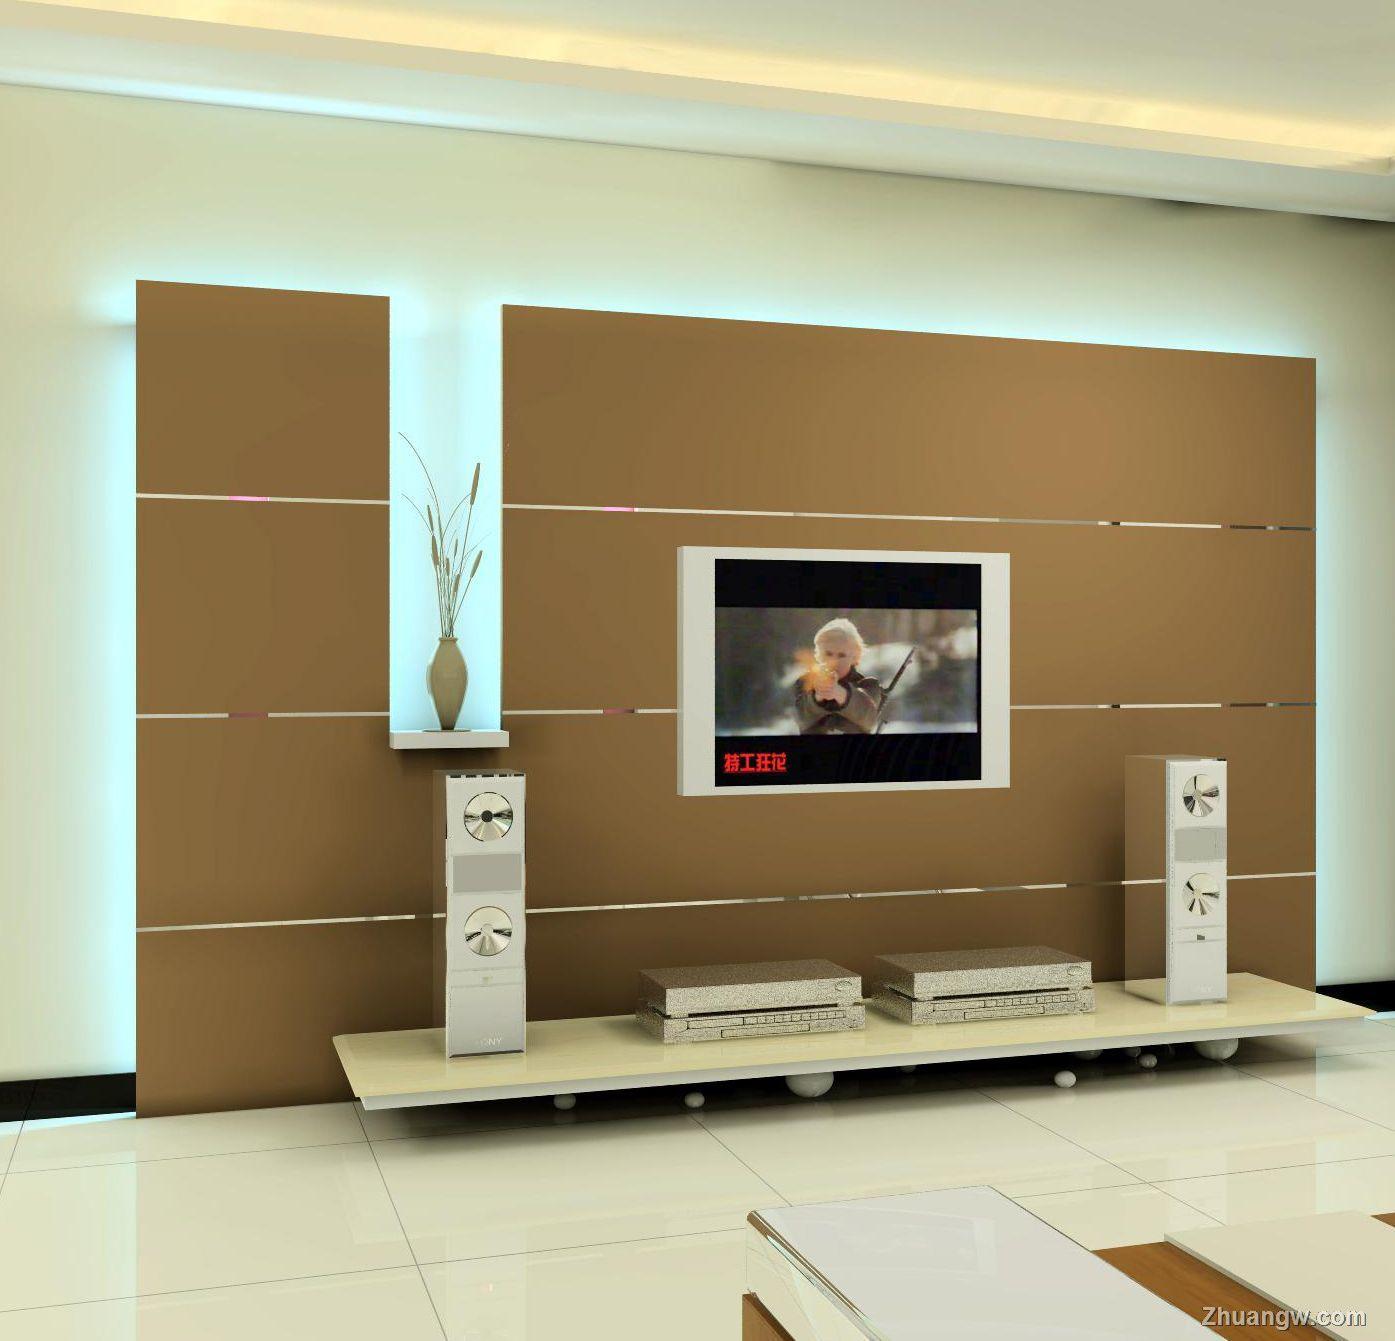 局石化路小区 客厅效果图 二居 现代 3万以下 装修图库